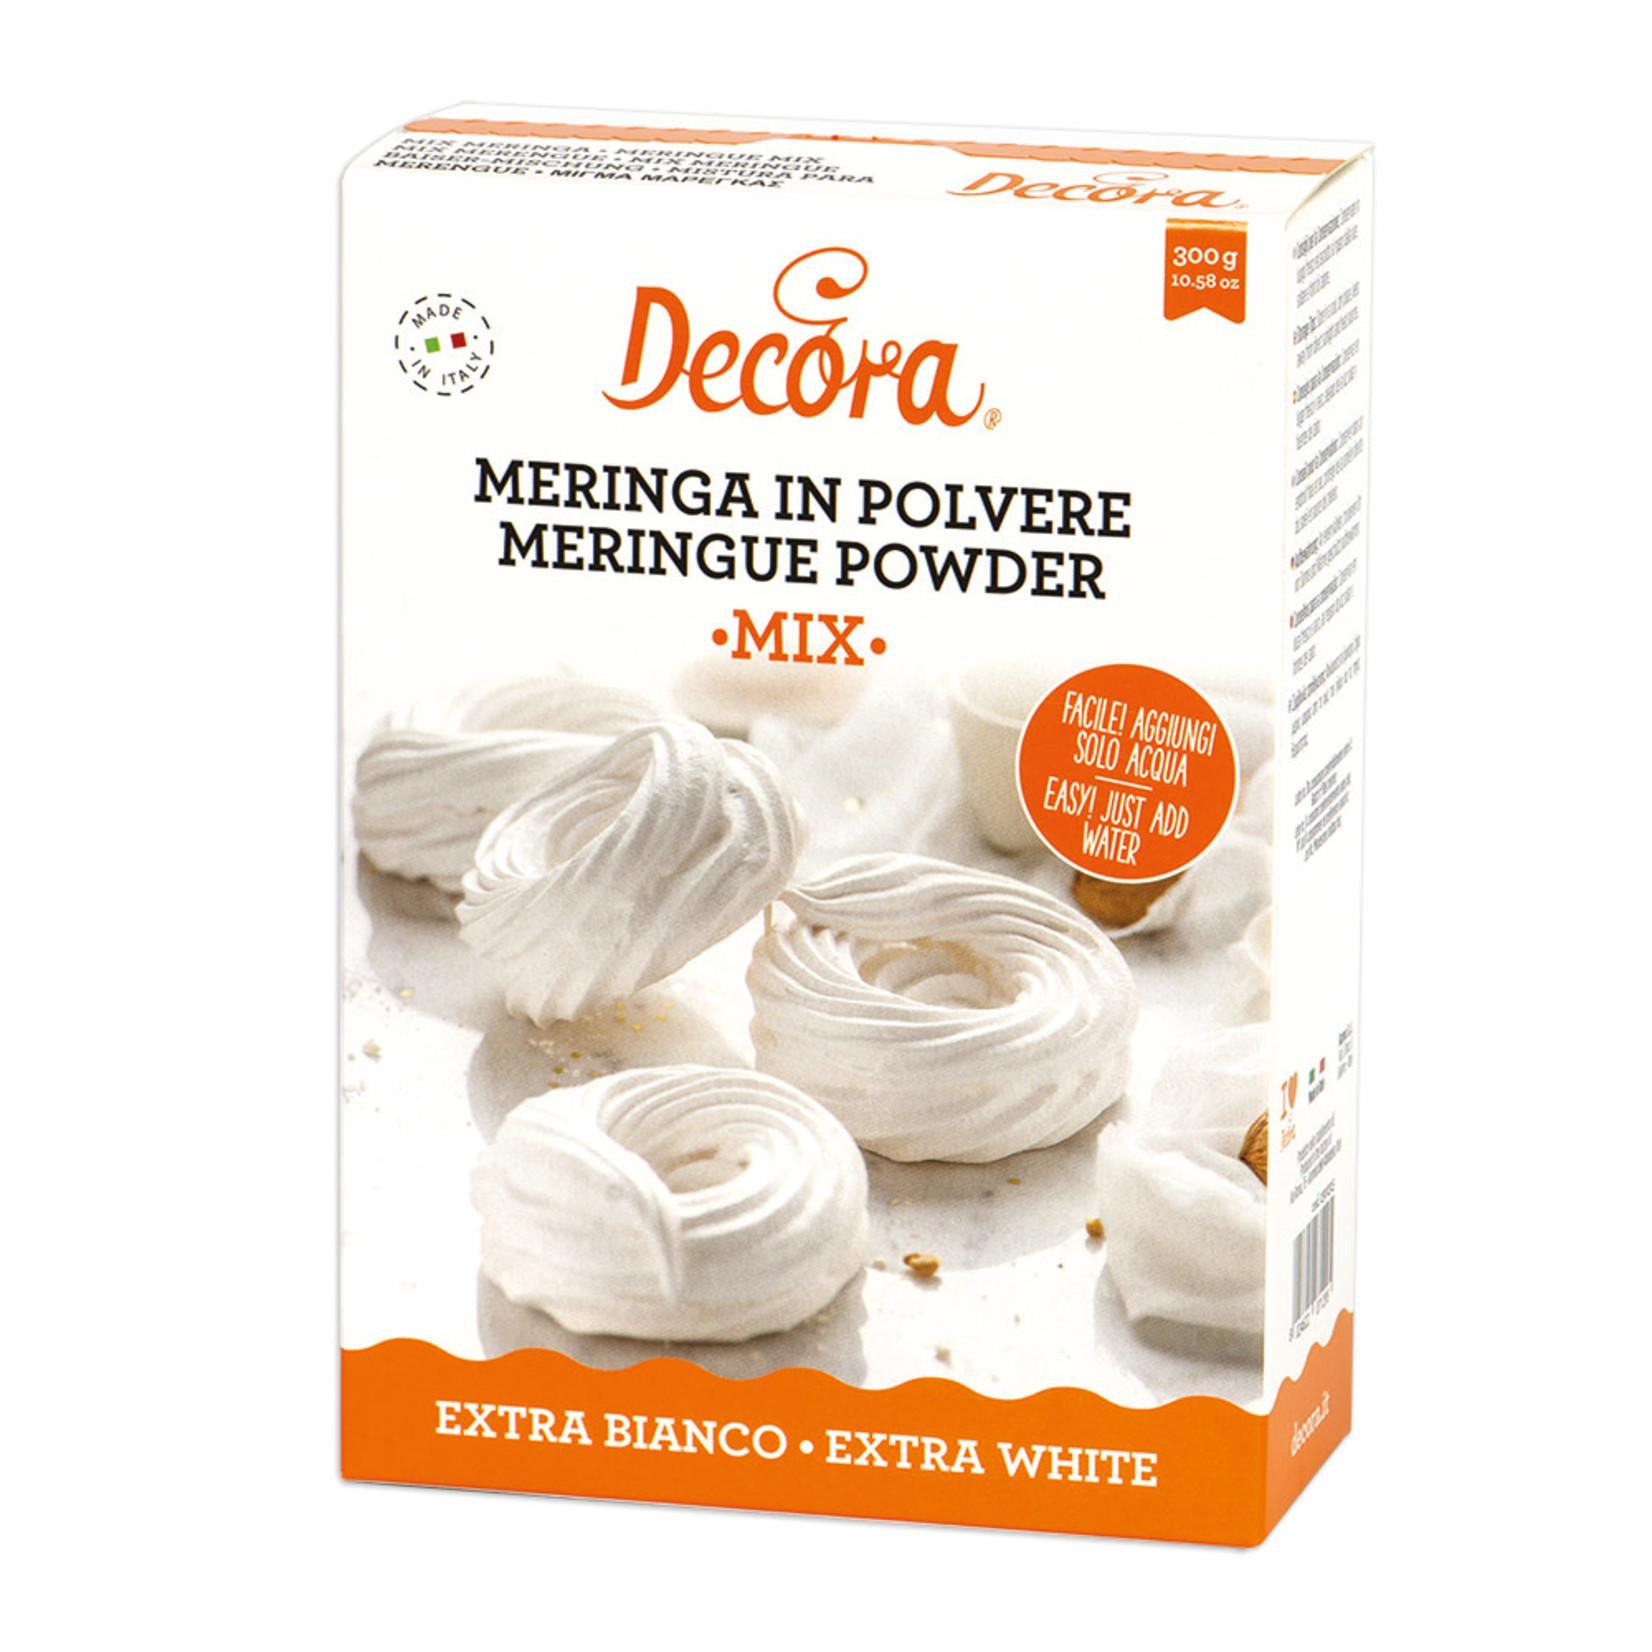 Decora Meringuepoeder 300g /6